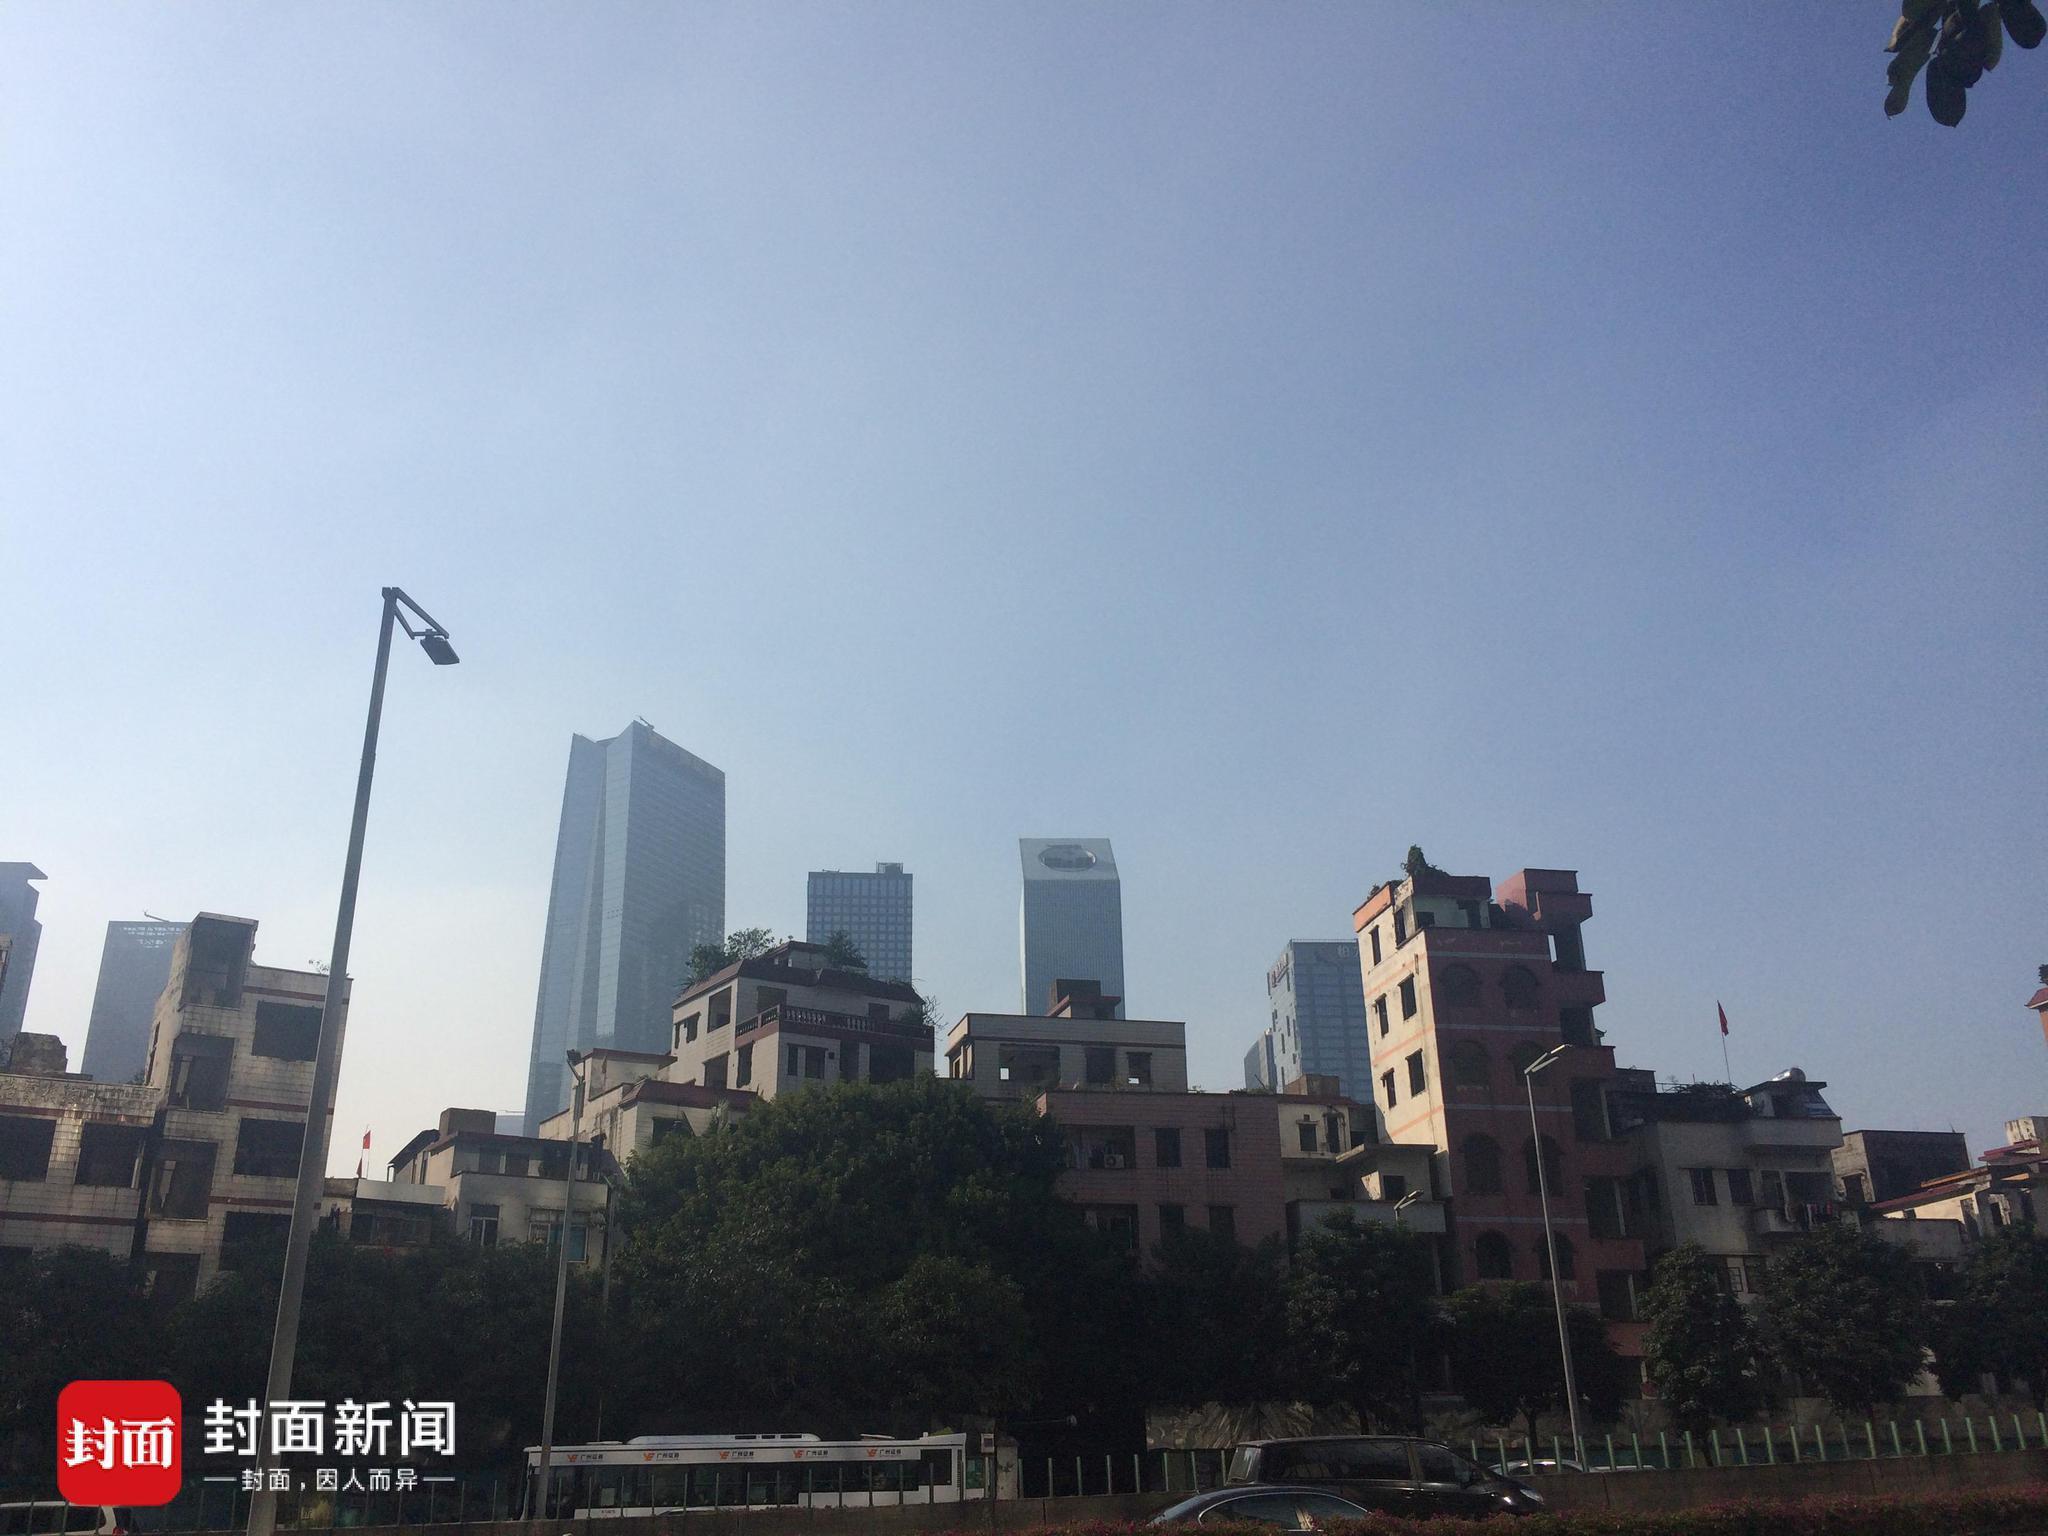 废屋背靠珠江新城高楼。